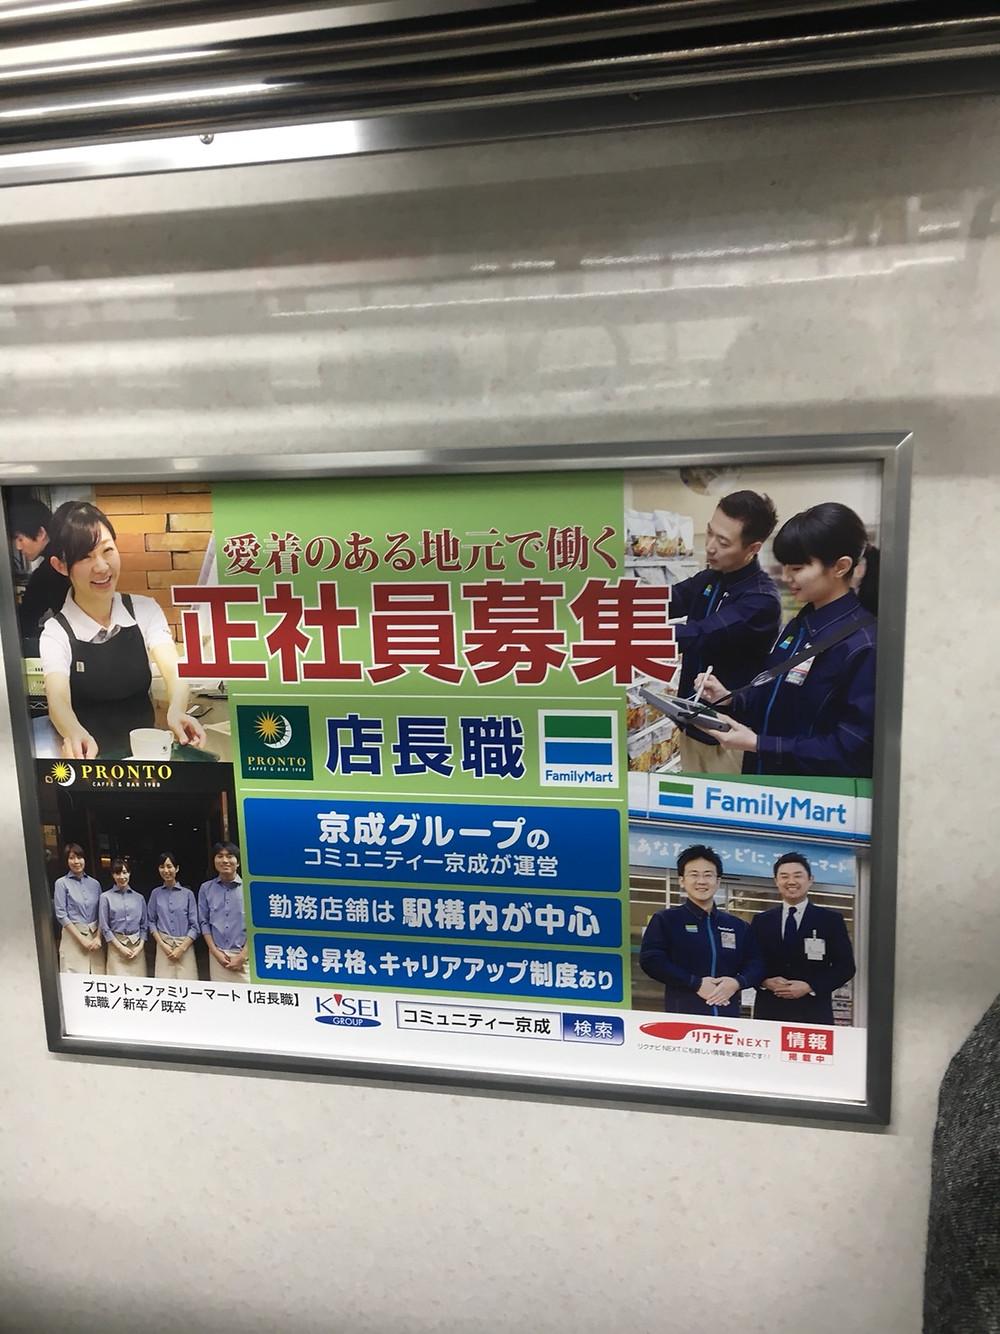 電車内 株式会社TaitaN